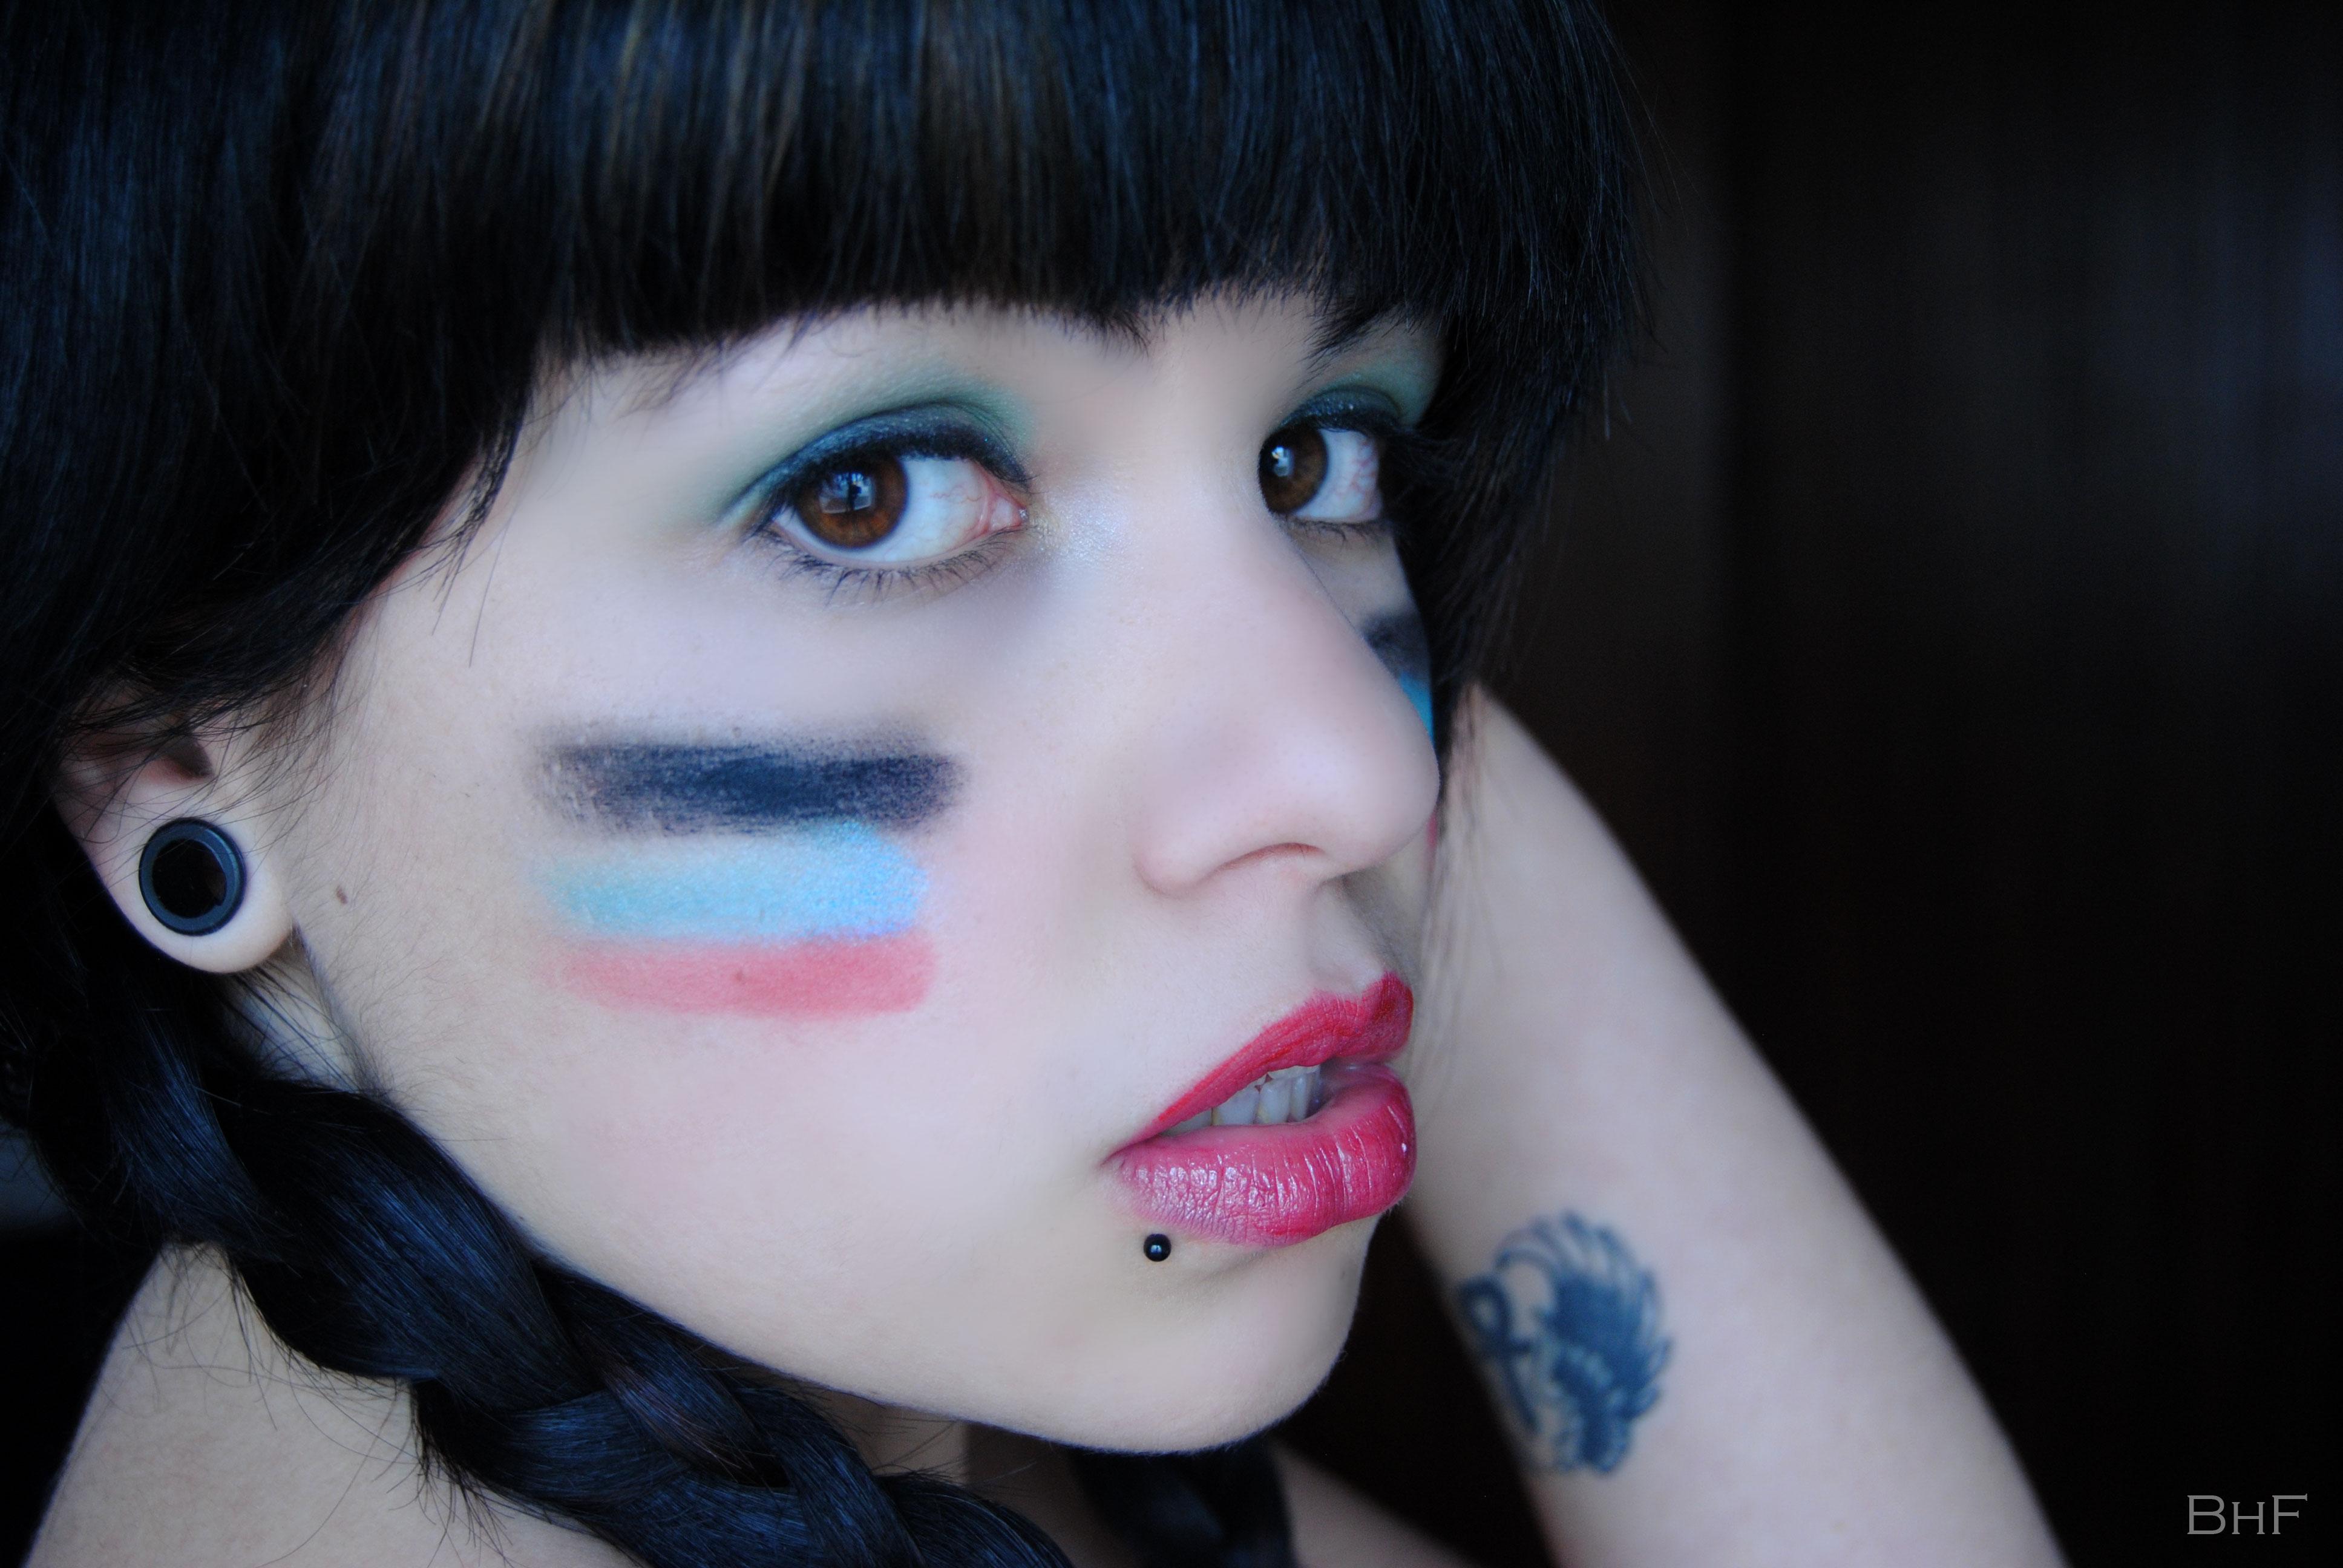 Chicas de Cara bonita - 3872x2592